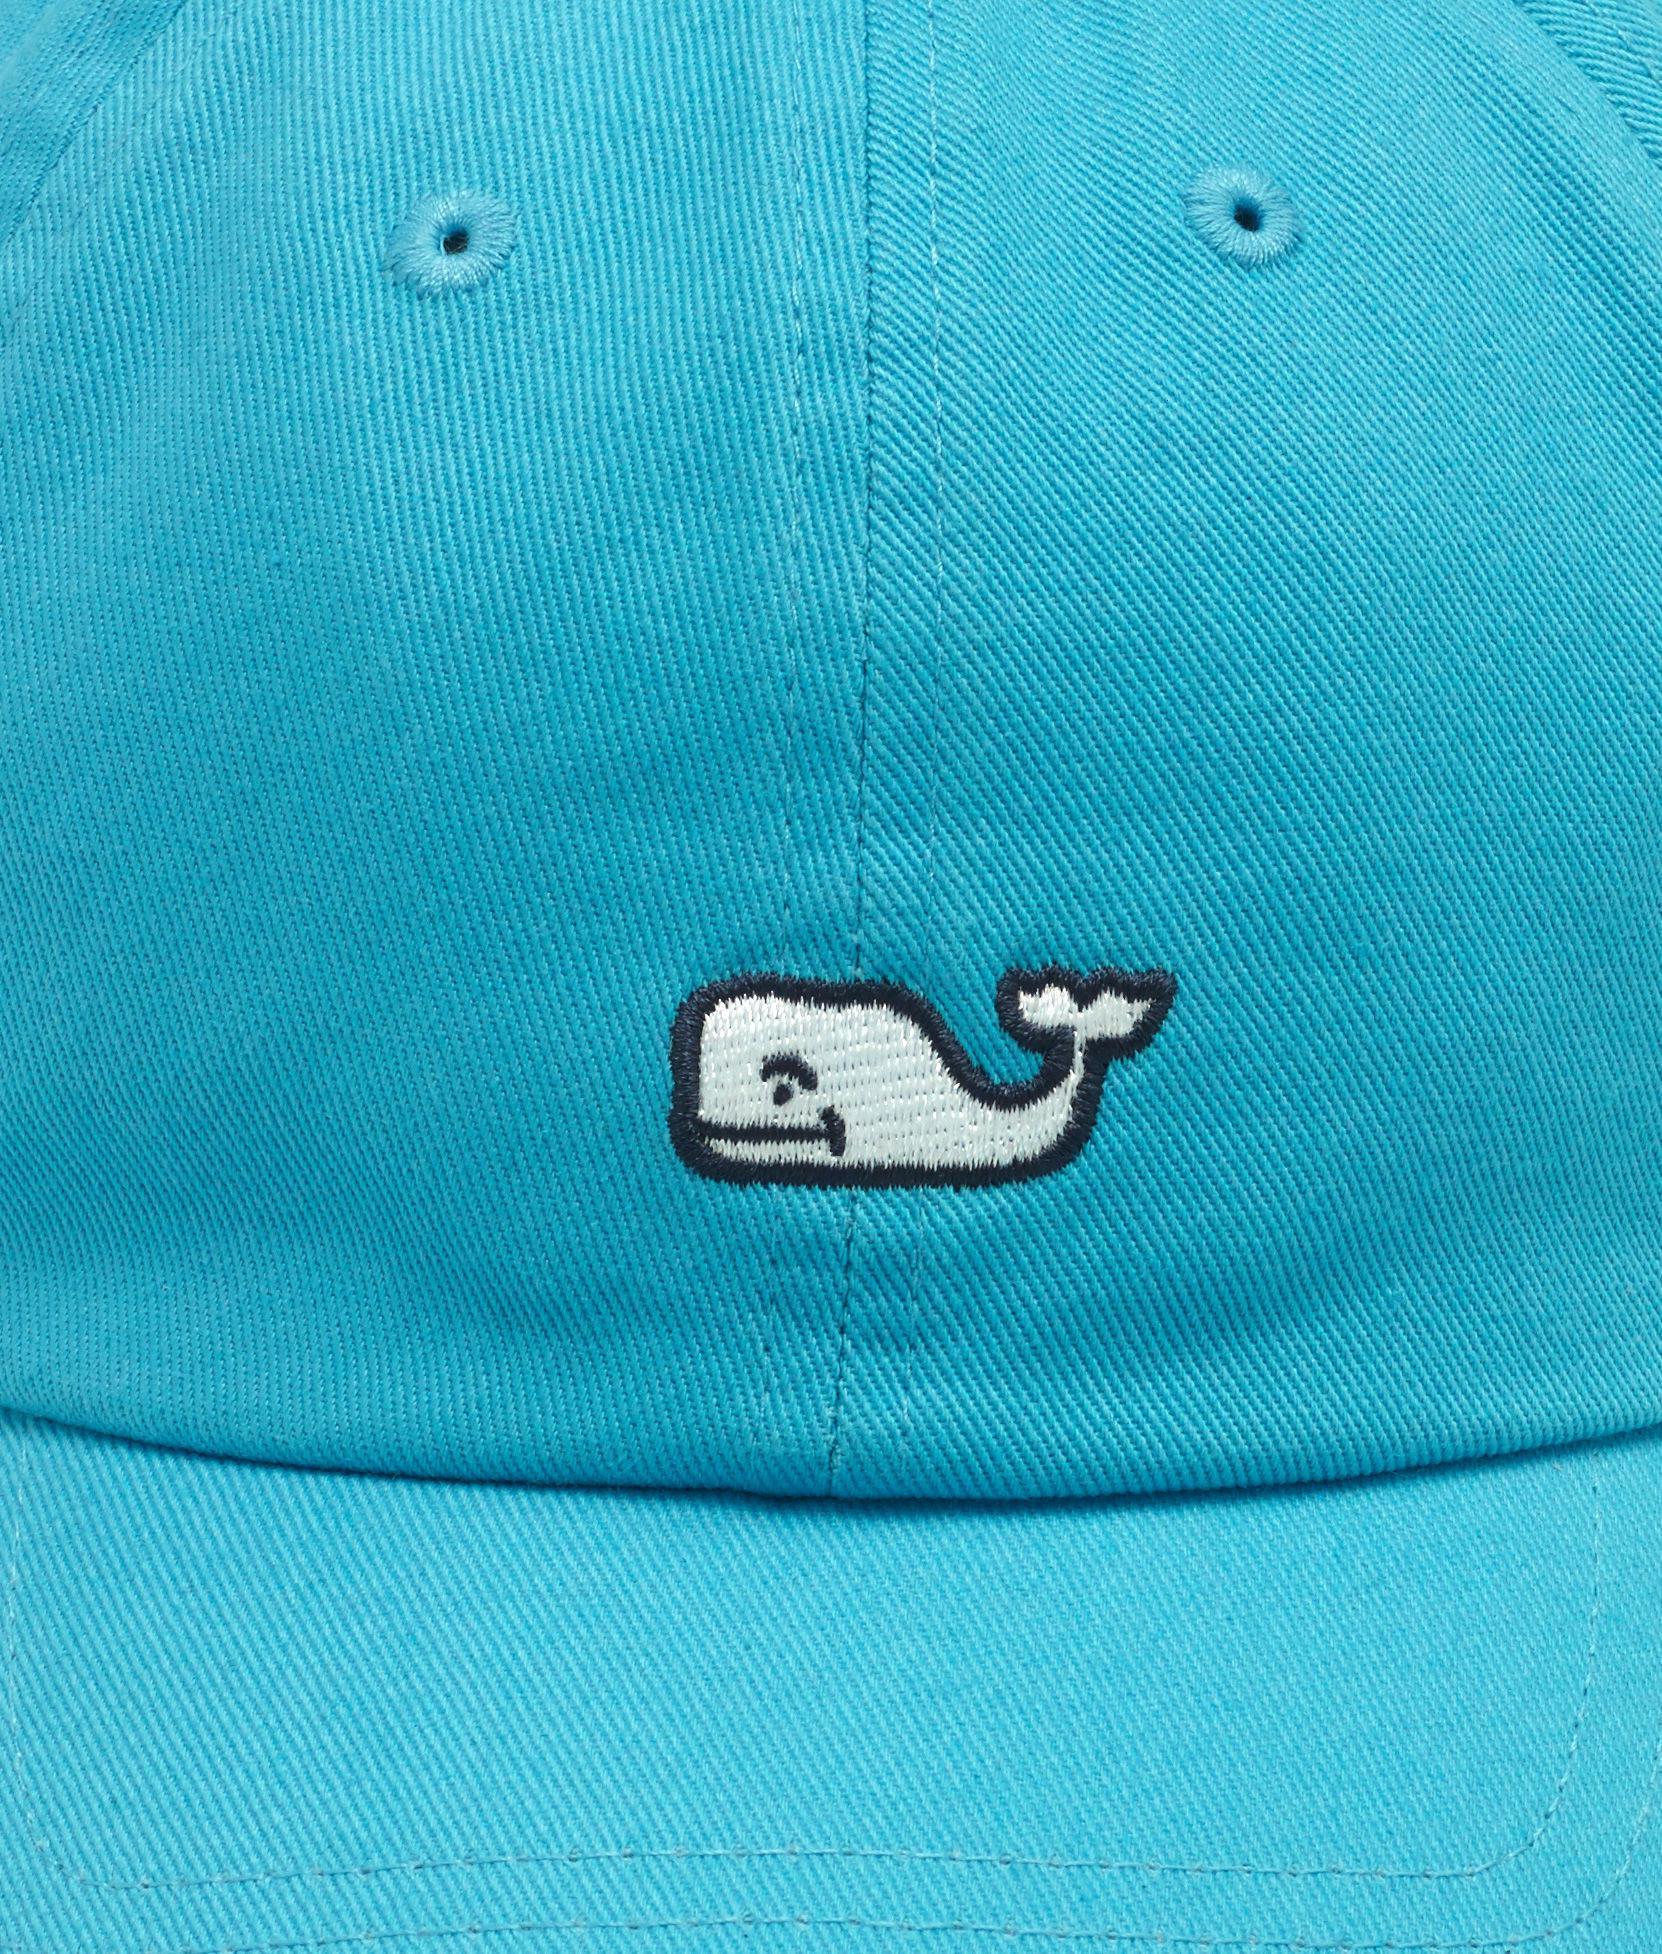 c622b4d2f95 Vineyard Vines - Blue Whale Logo Baseball Hat for Men - Lyst. View  fullscreen